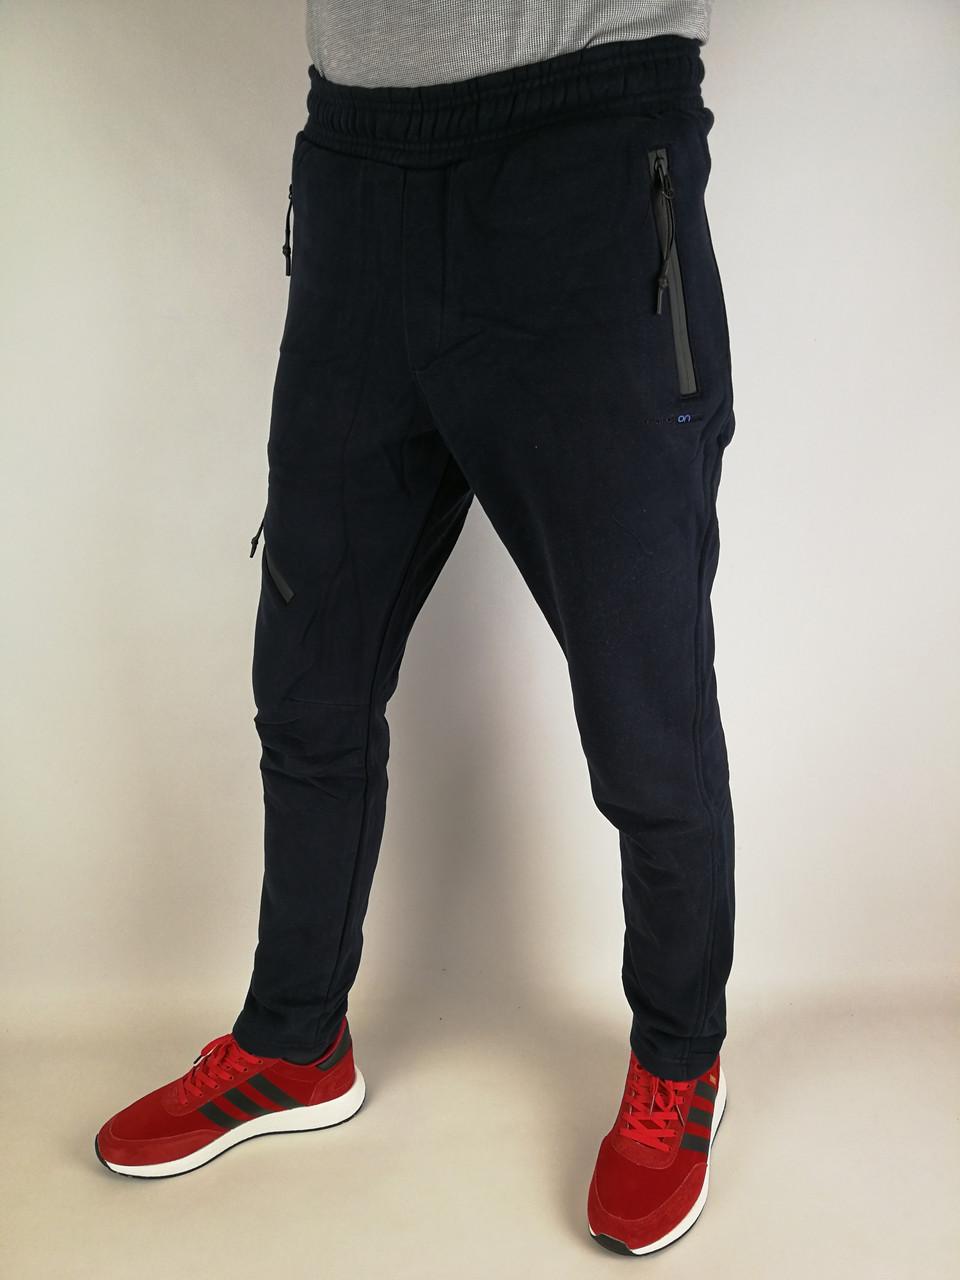 Качественные спортивные штаны флис